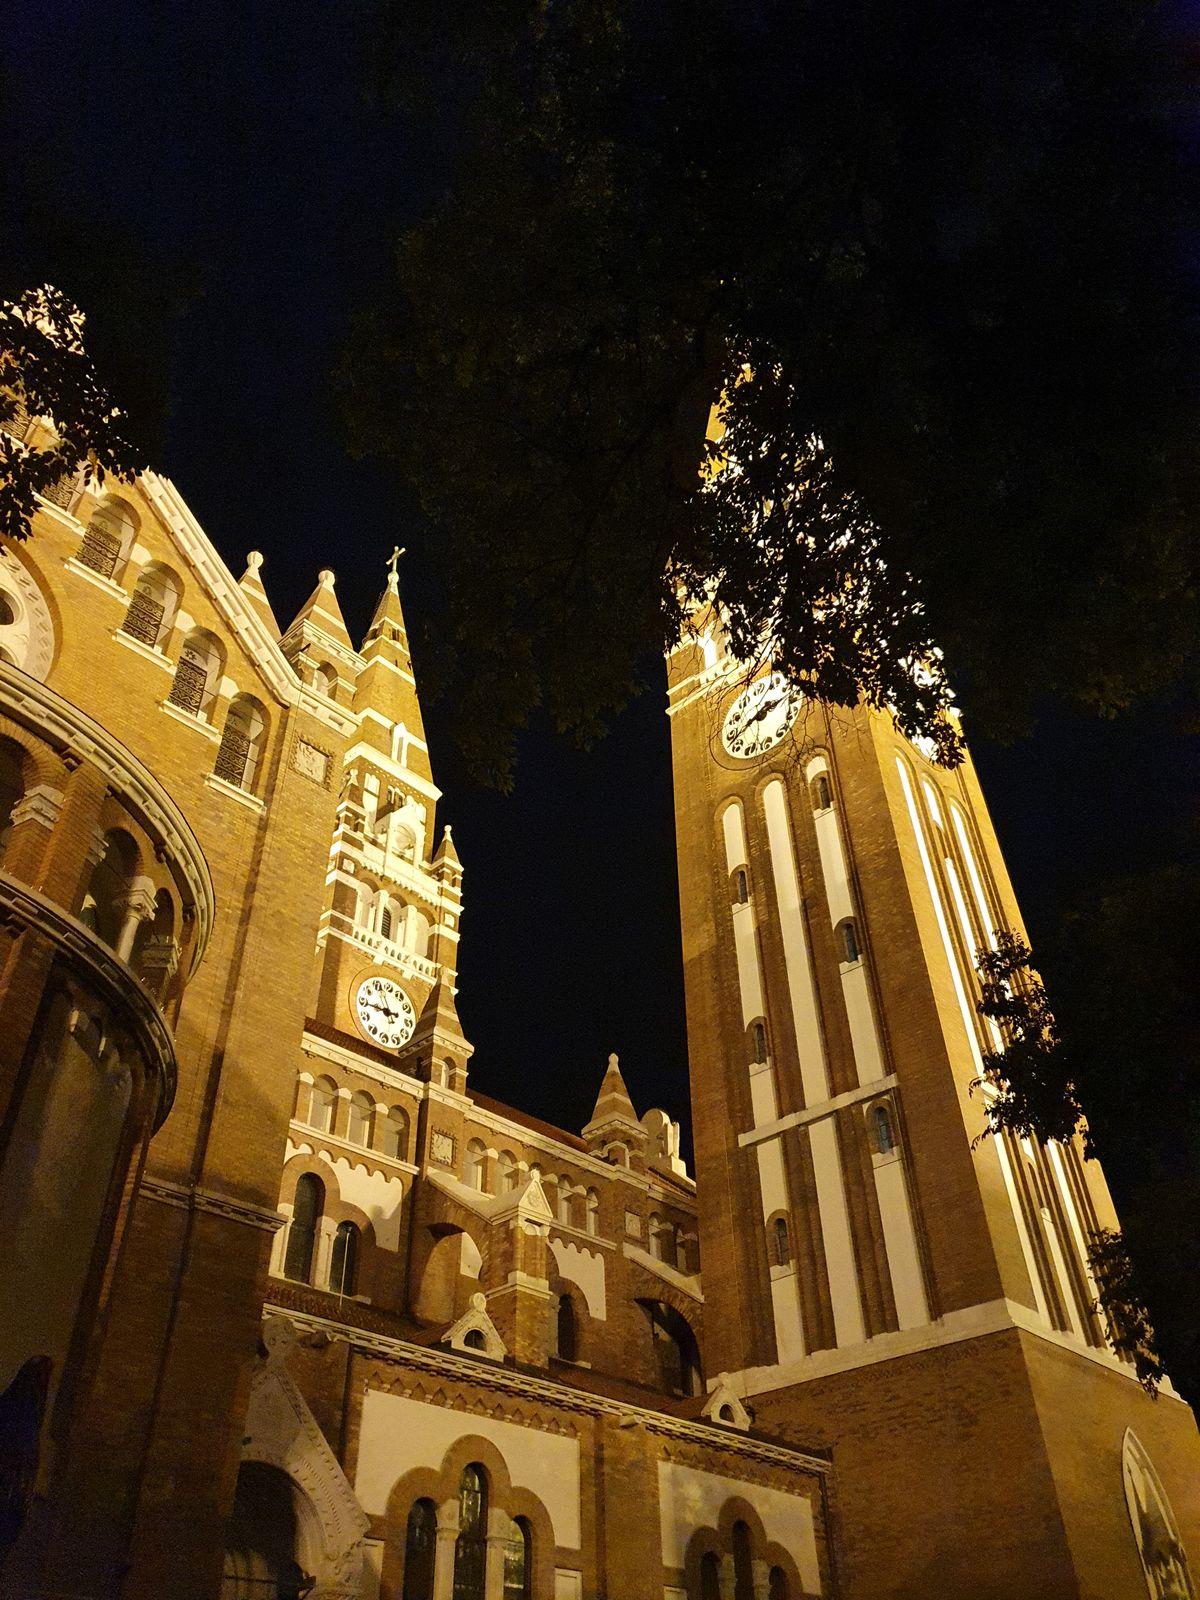 Szeged Dom bei Nacht